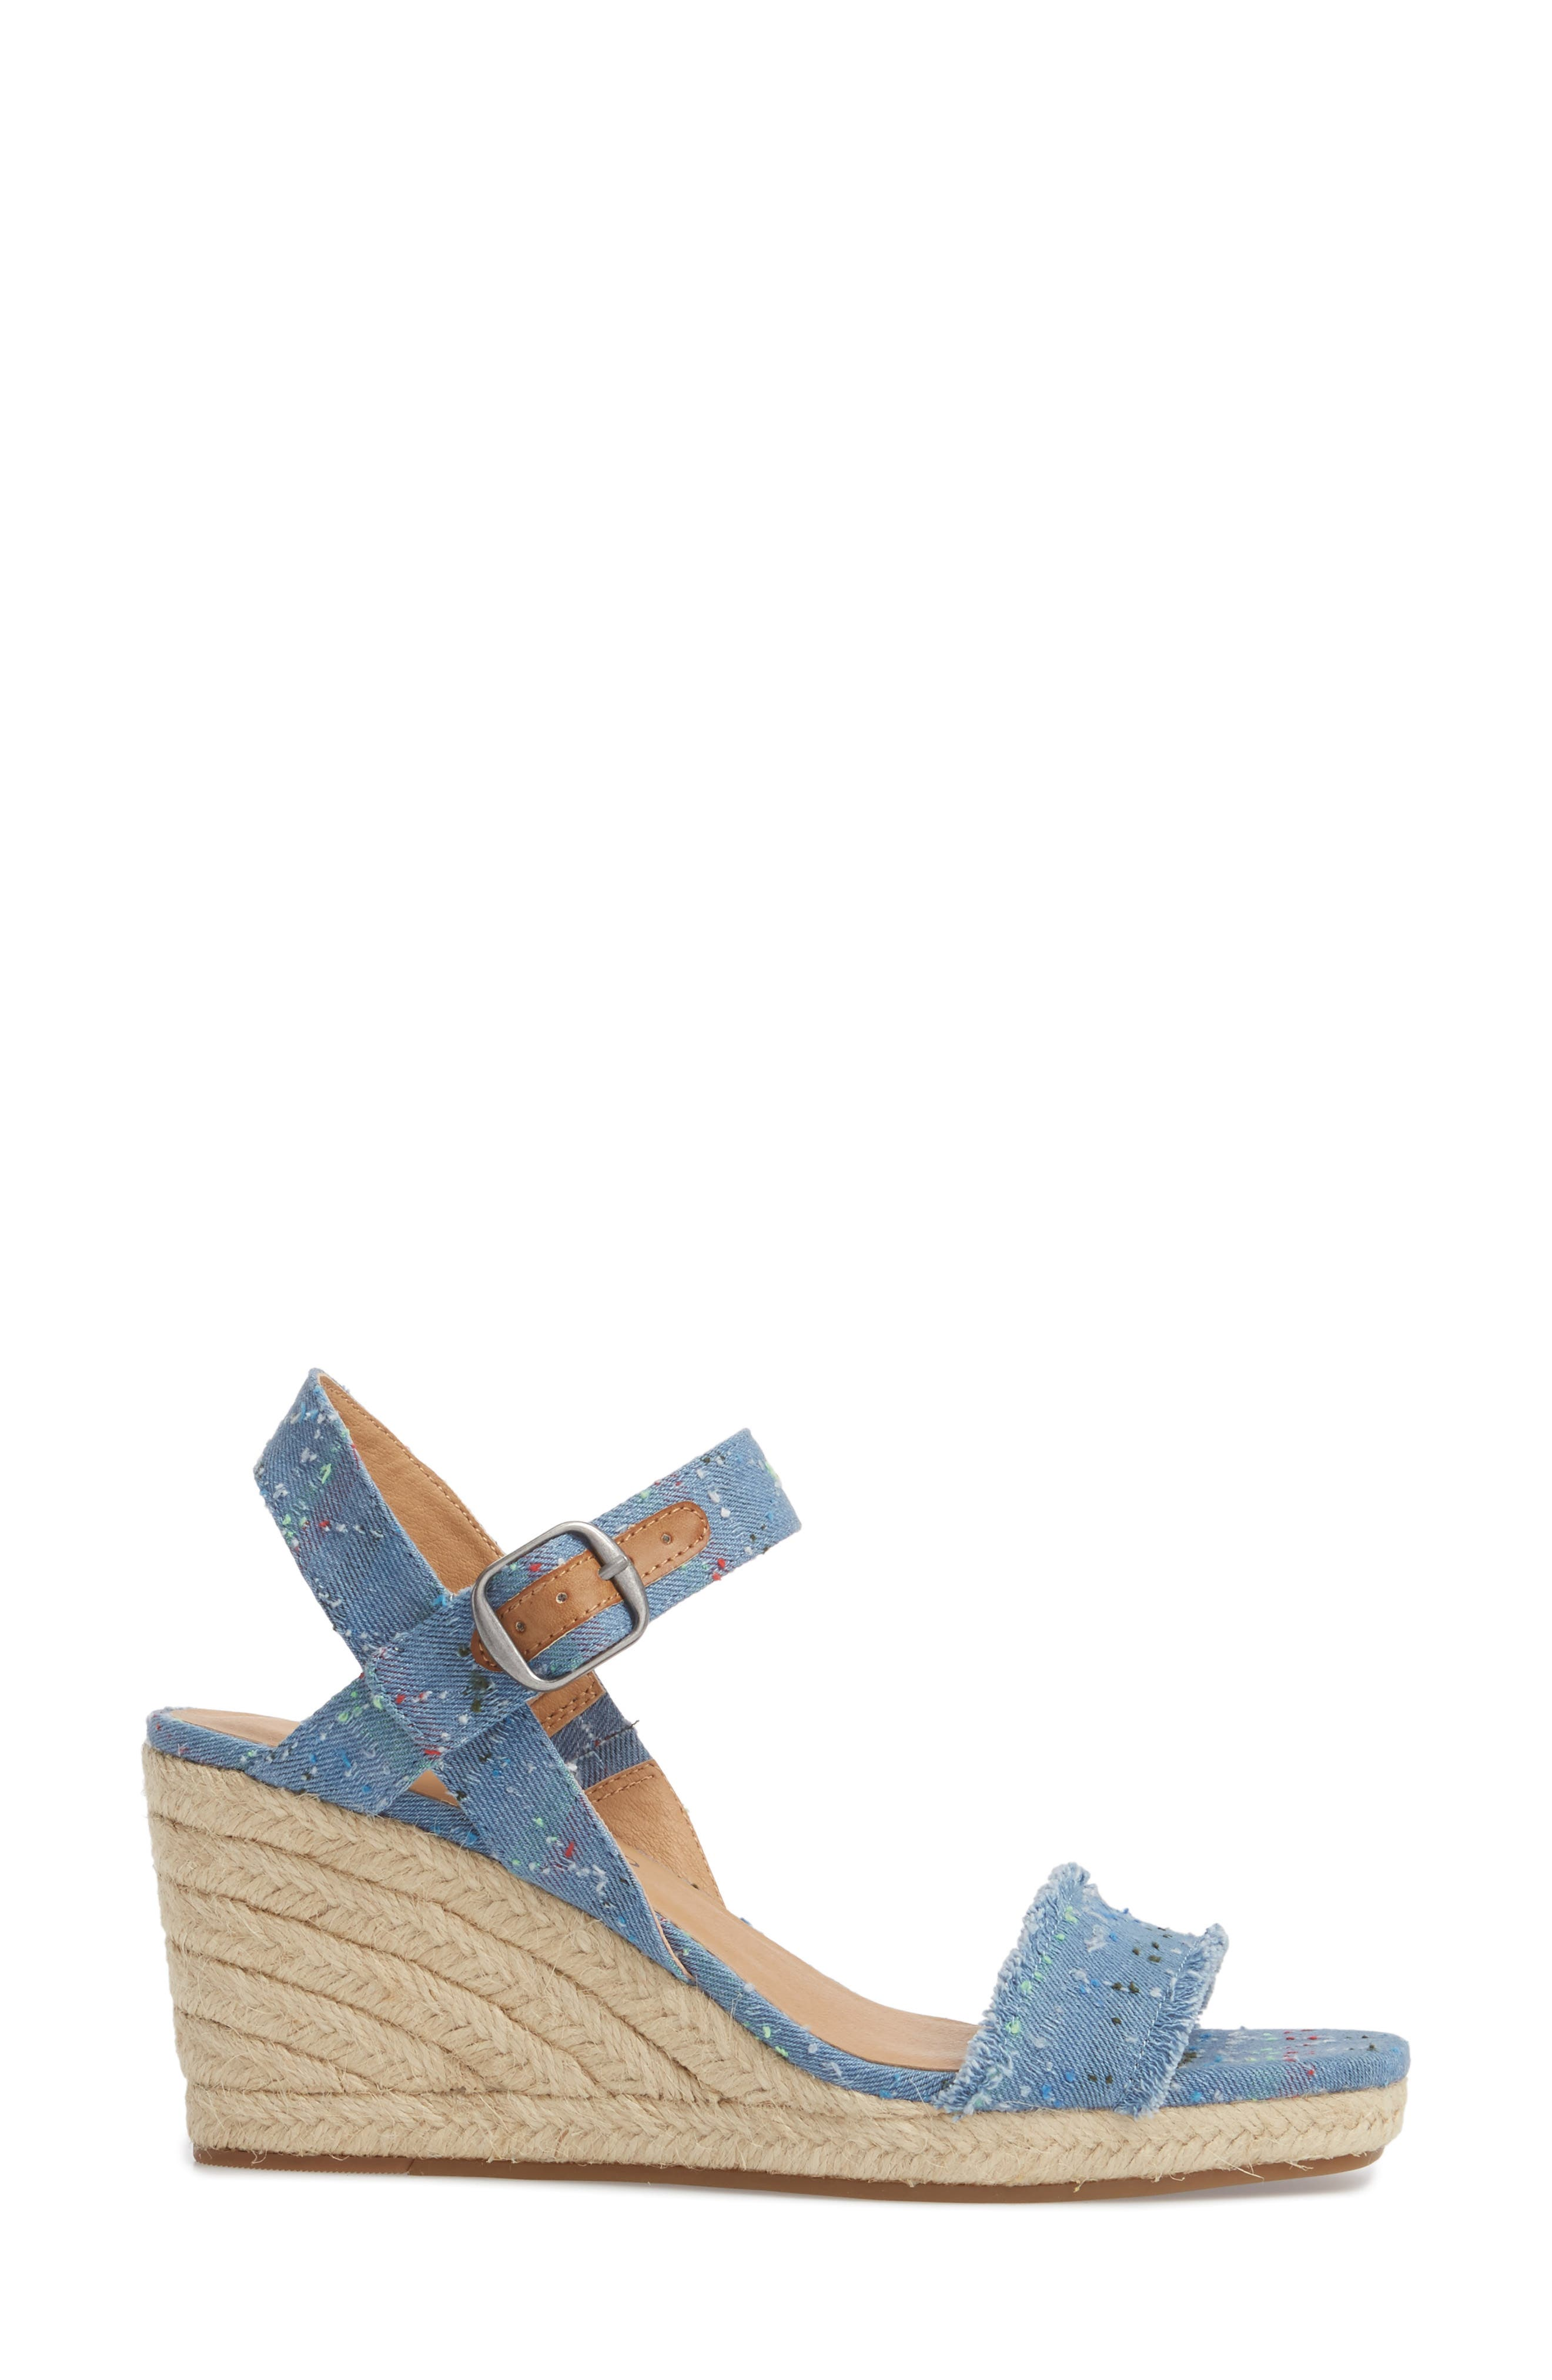 Marceline Squared Toe Wedge Sandal,                             Alternate thumbnail 19, color,